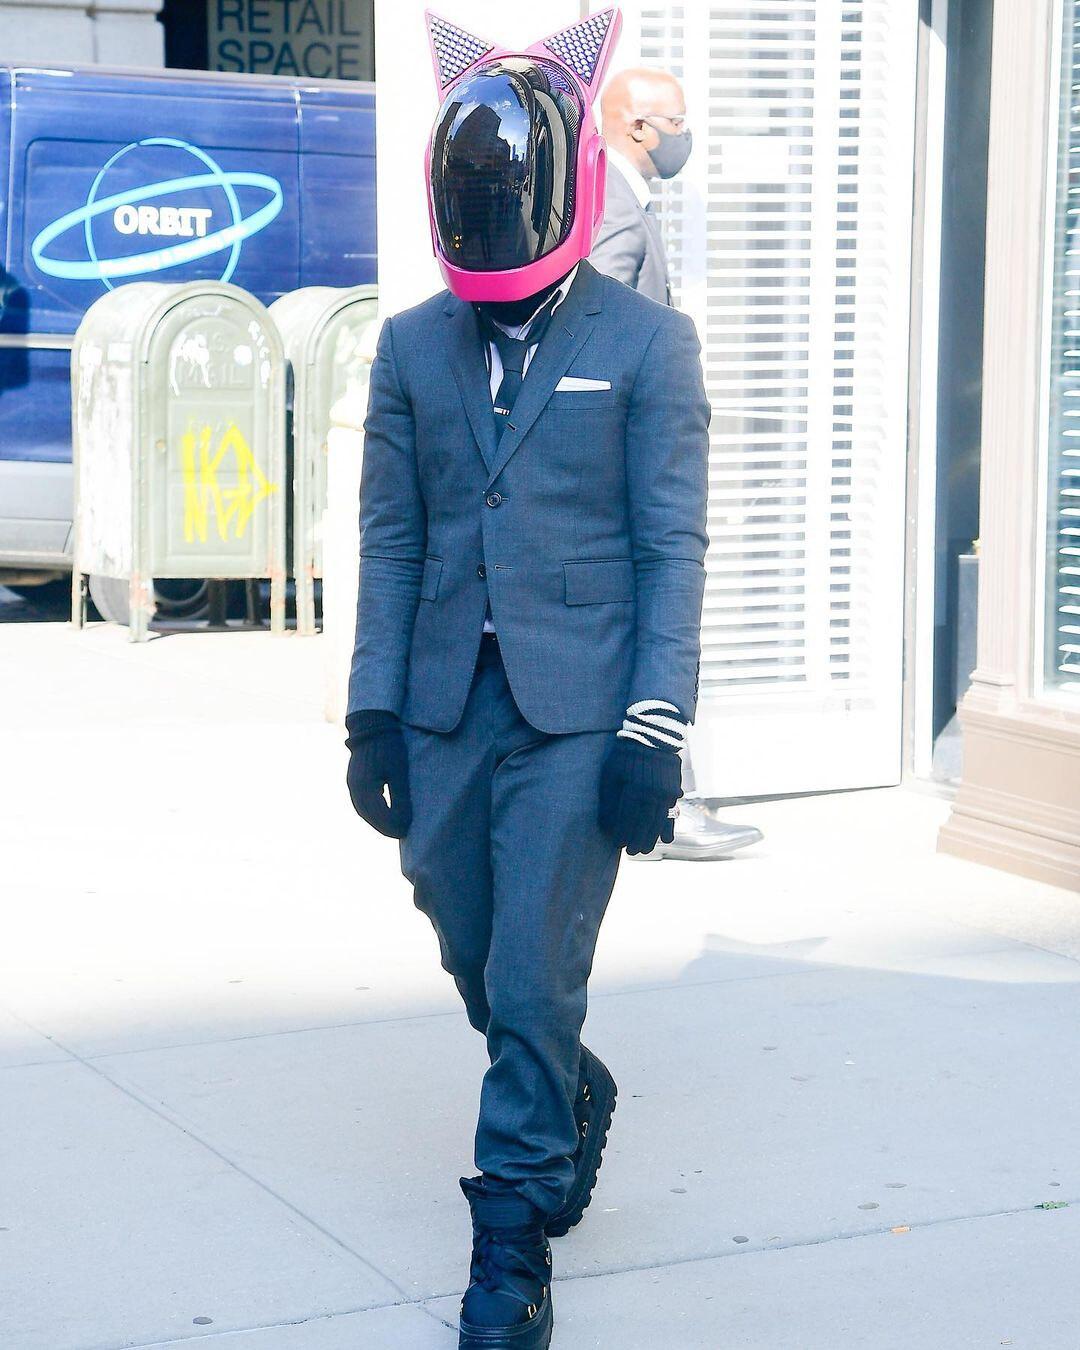 Lil Uzi Vert Daft Punk